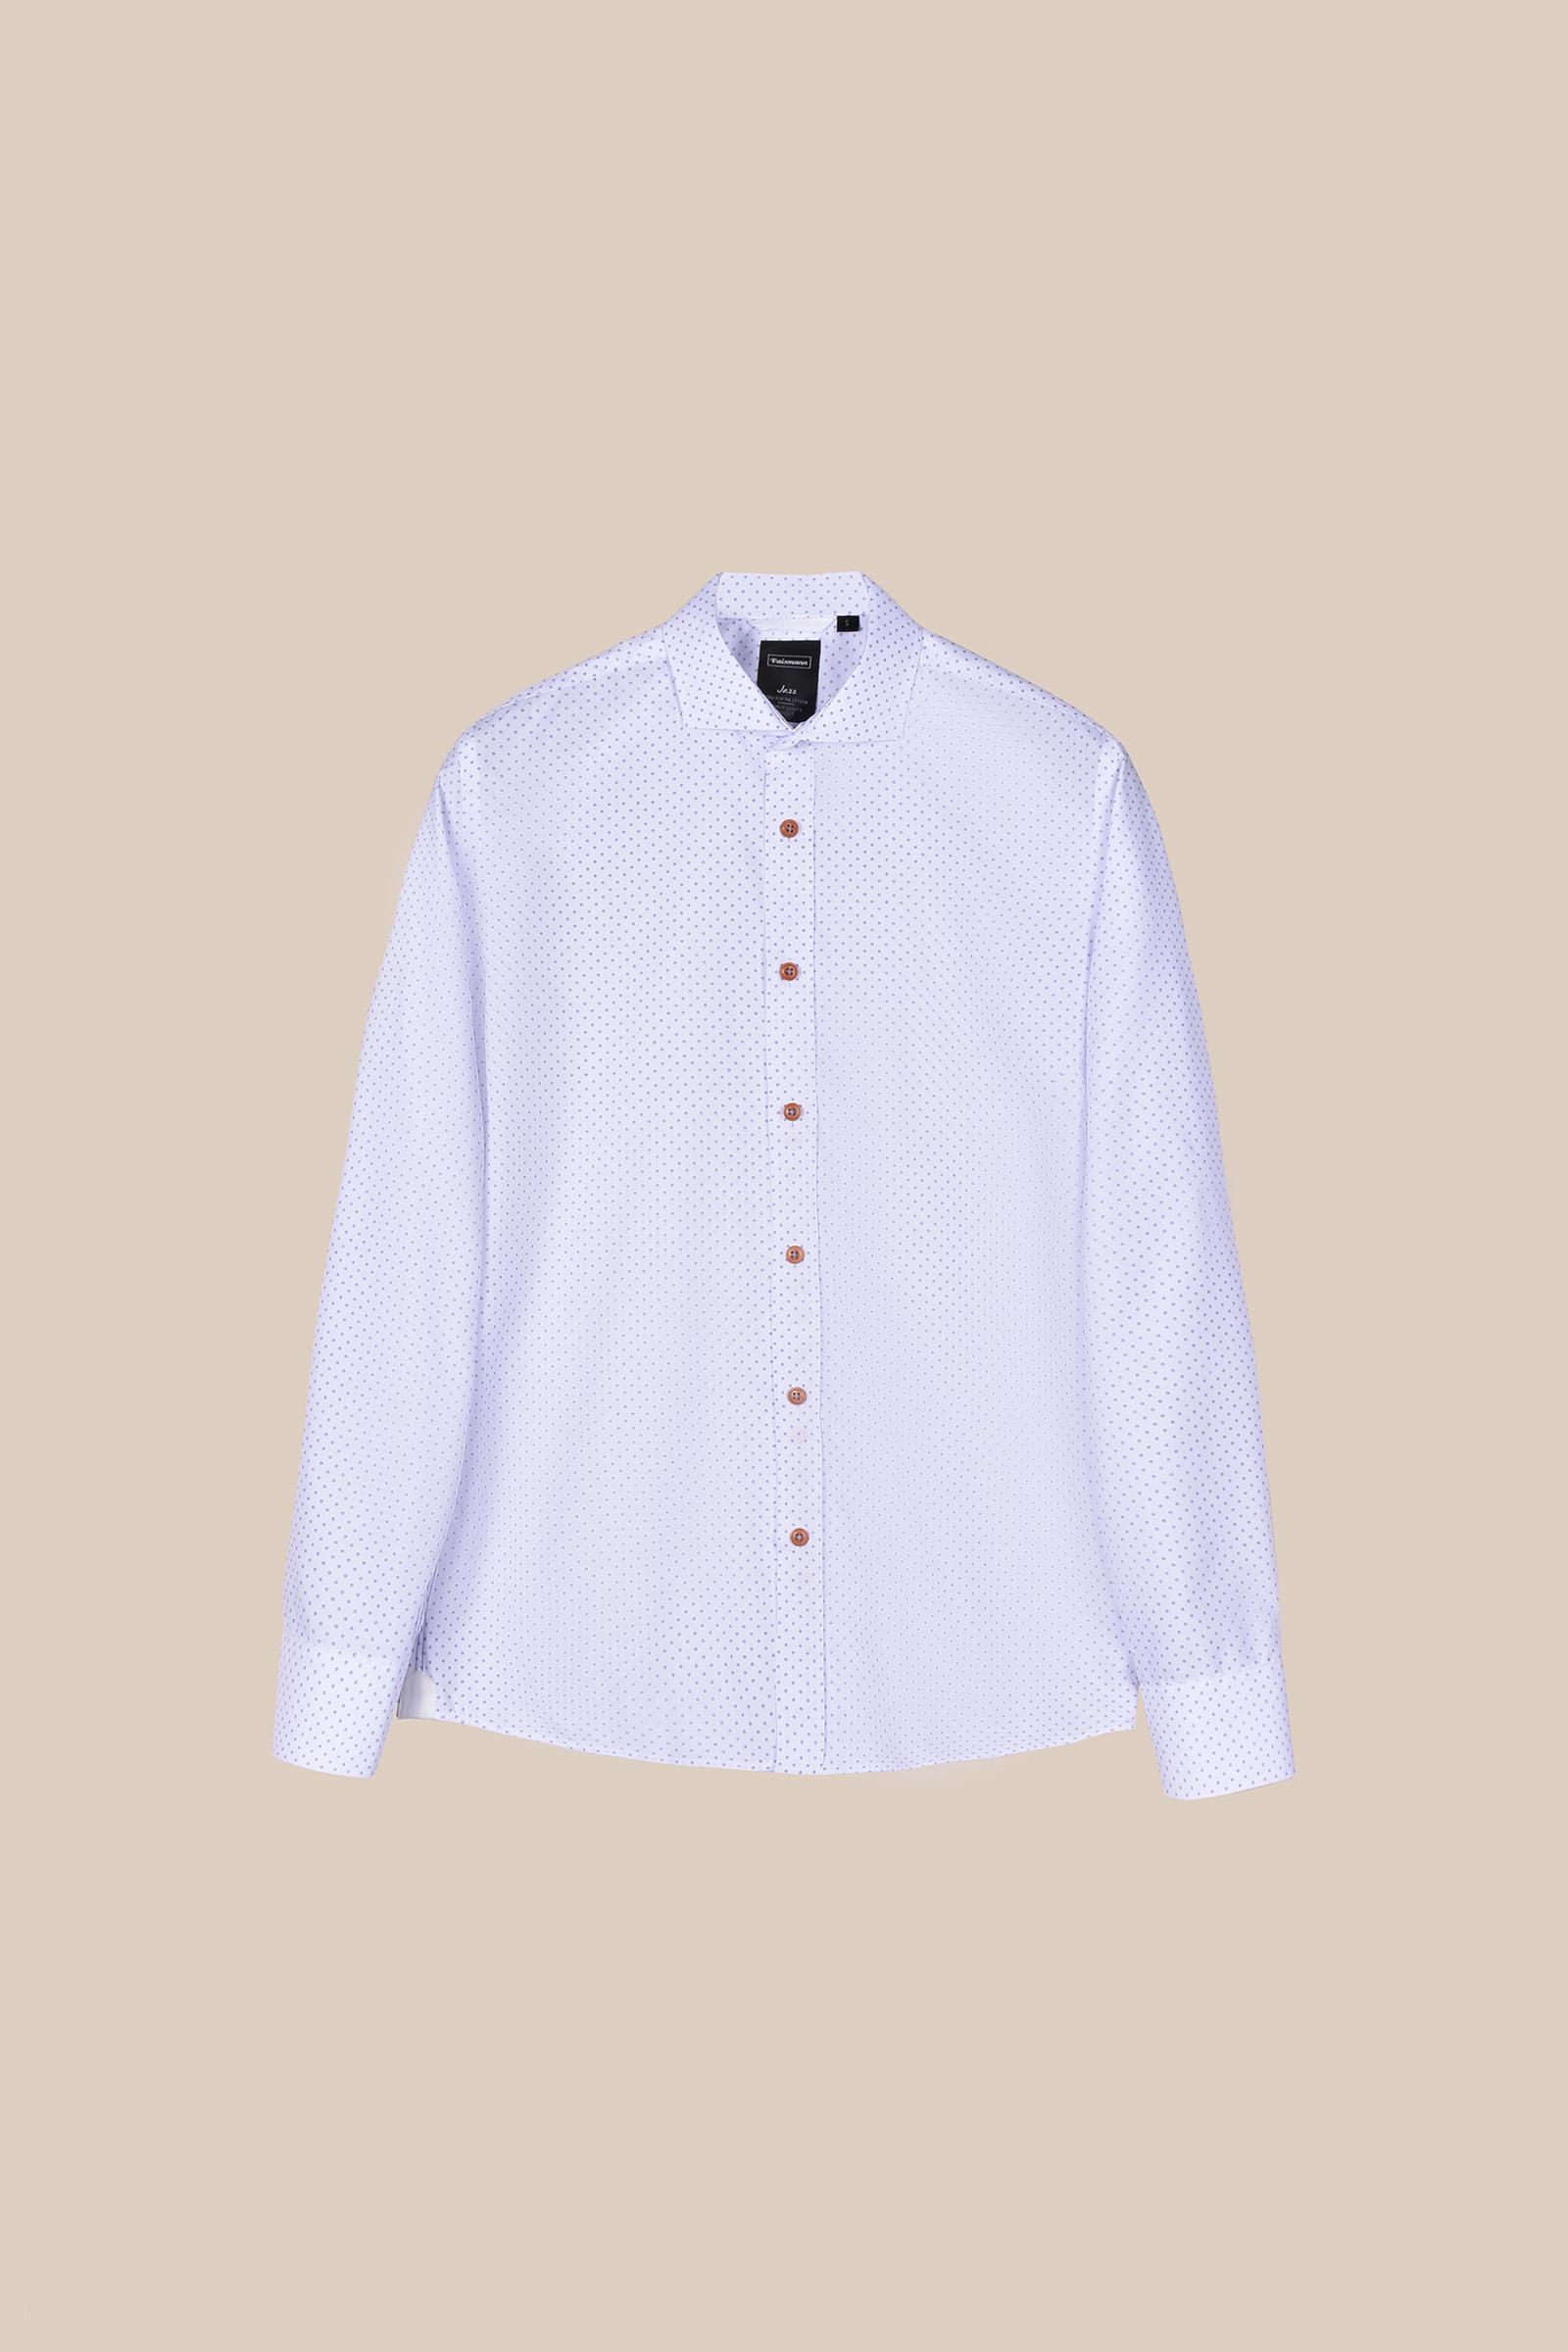 Рубашка в мелкий принт белого  цвета Vaismann 20160